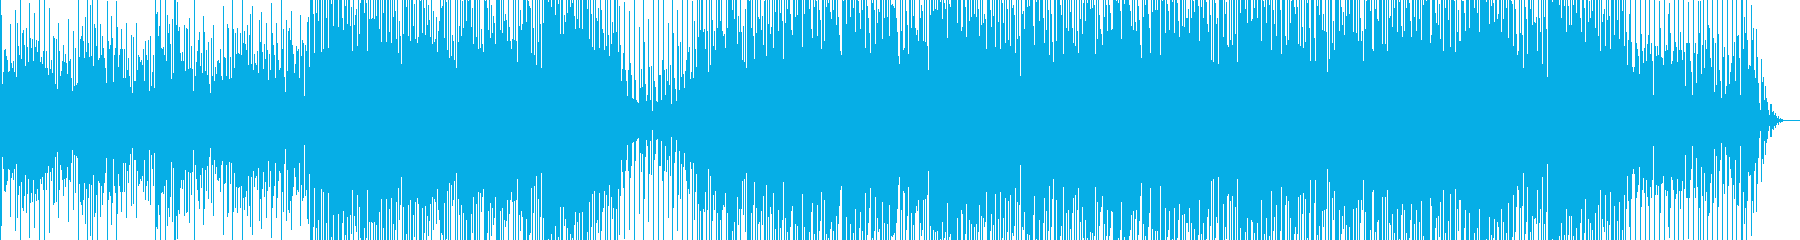 エスニック。リズミカル。ハートビー...の再生済みの波形